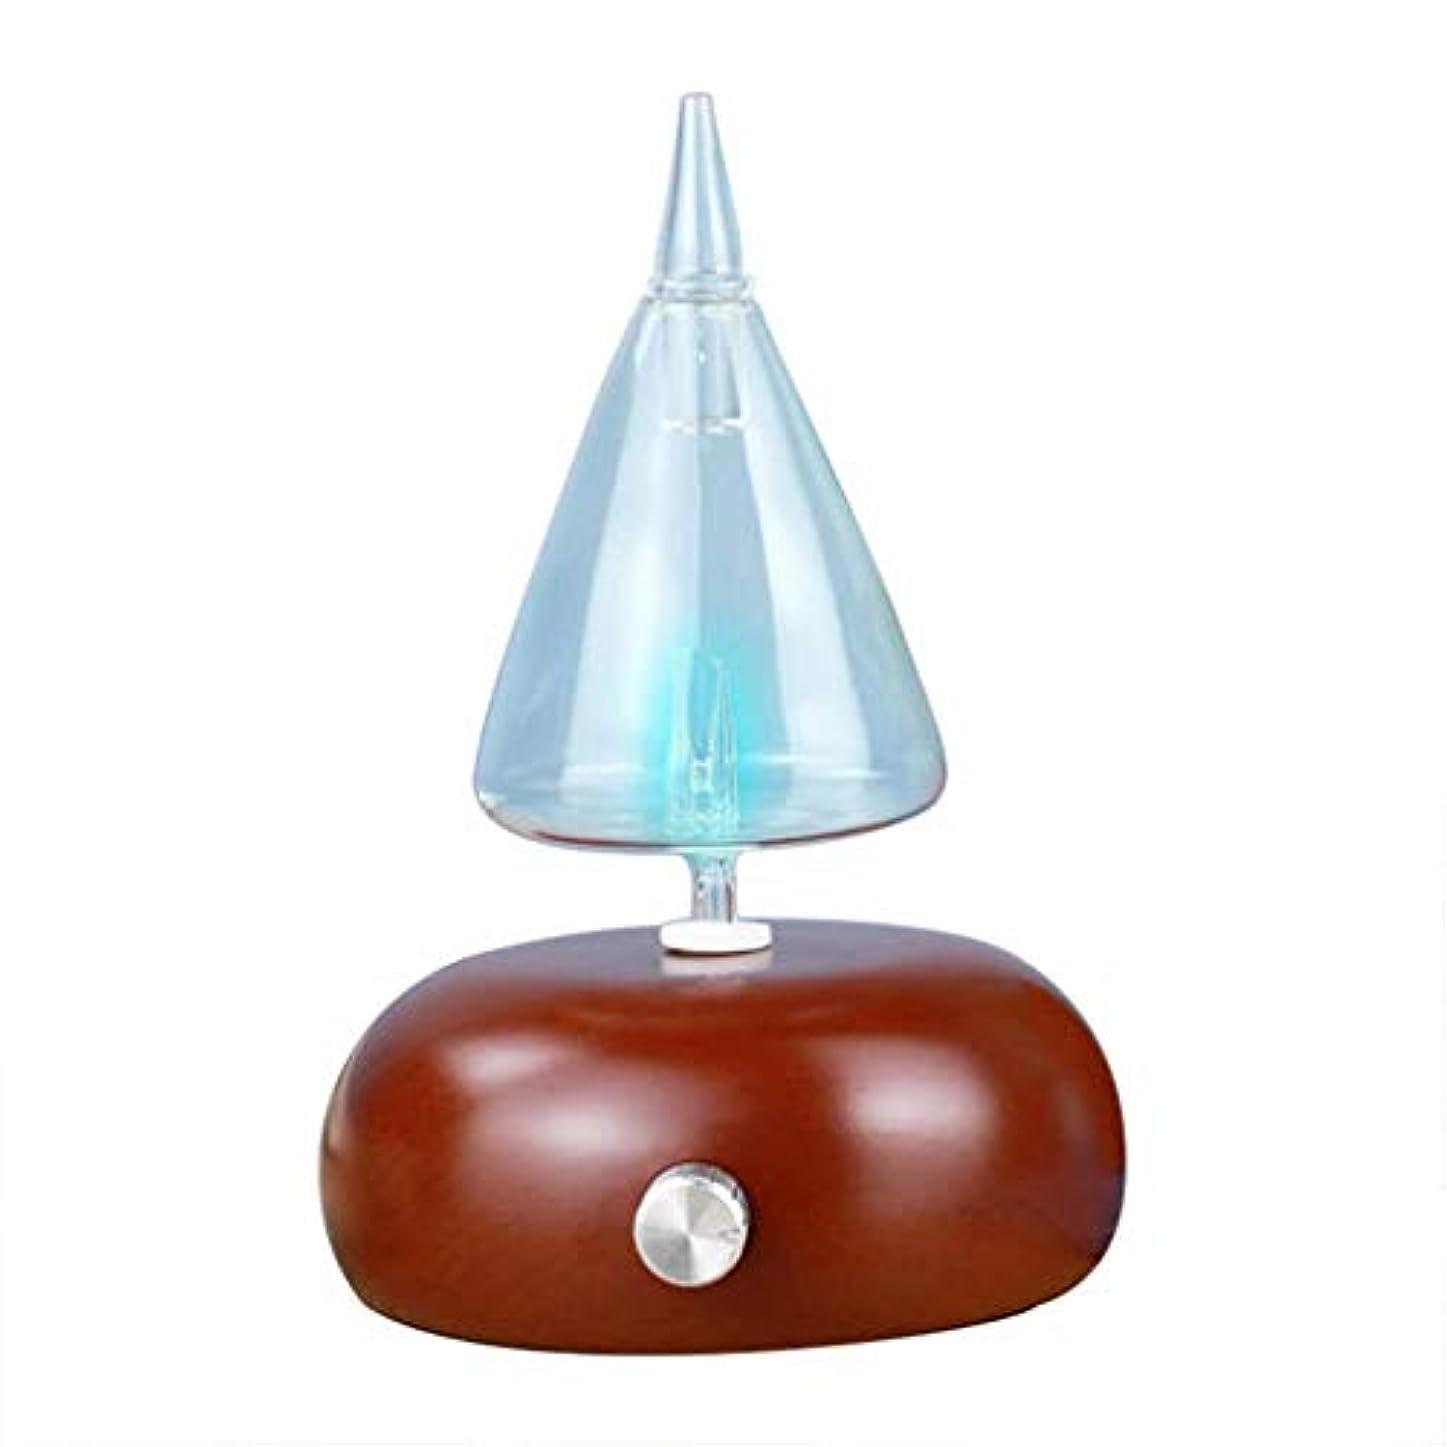 ブース器具国アロマテラピーマシン、ガラスエッセンシャルオイルディフューザー、超音波加湿器、ウッドグレインアロマテラピーディフューザーマシン、LEDライトを変える7色